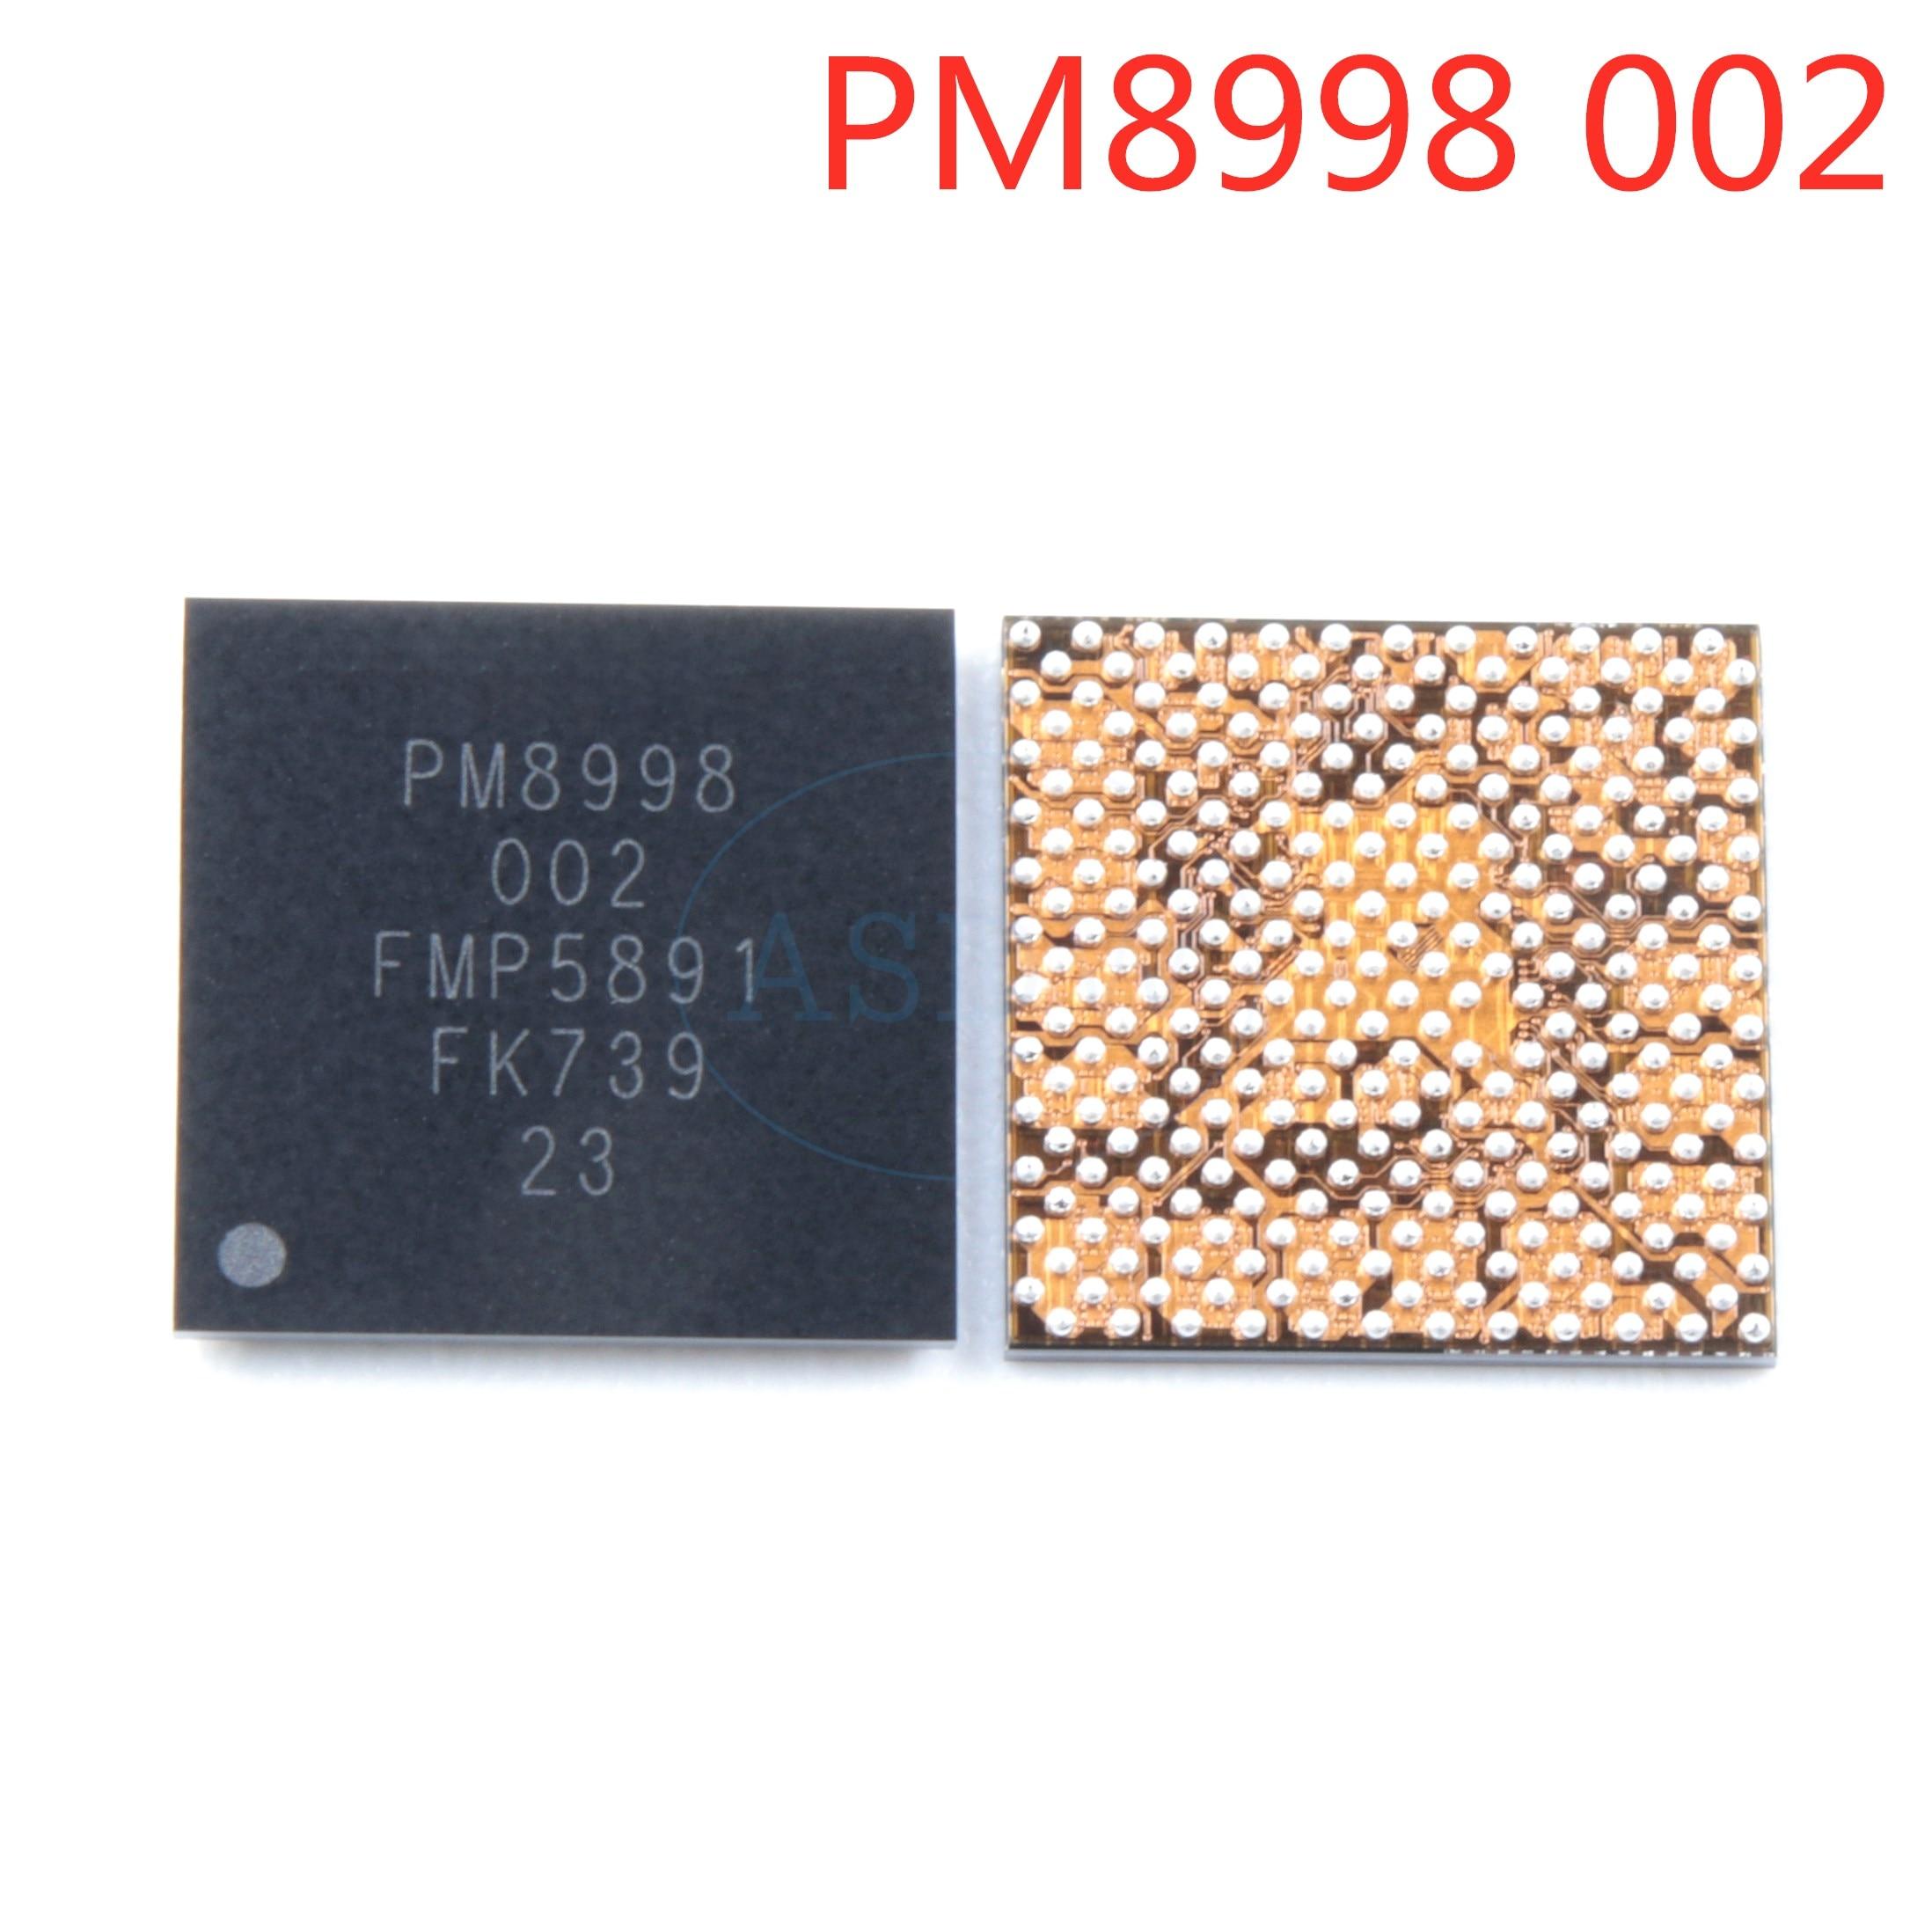 PM8998 002 PM IC pour Samsung Galaxy S8 G950 N950 pour XIAOMI MI6 IC dalimentation de contrôle de gestion de lalimentation principale